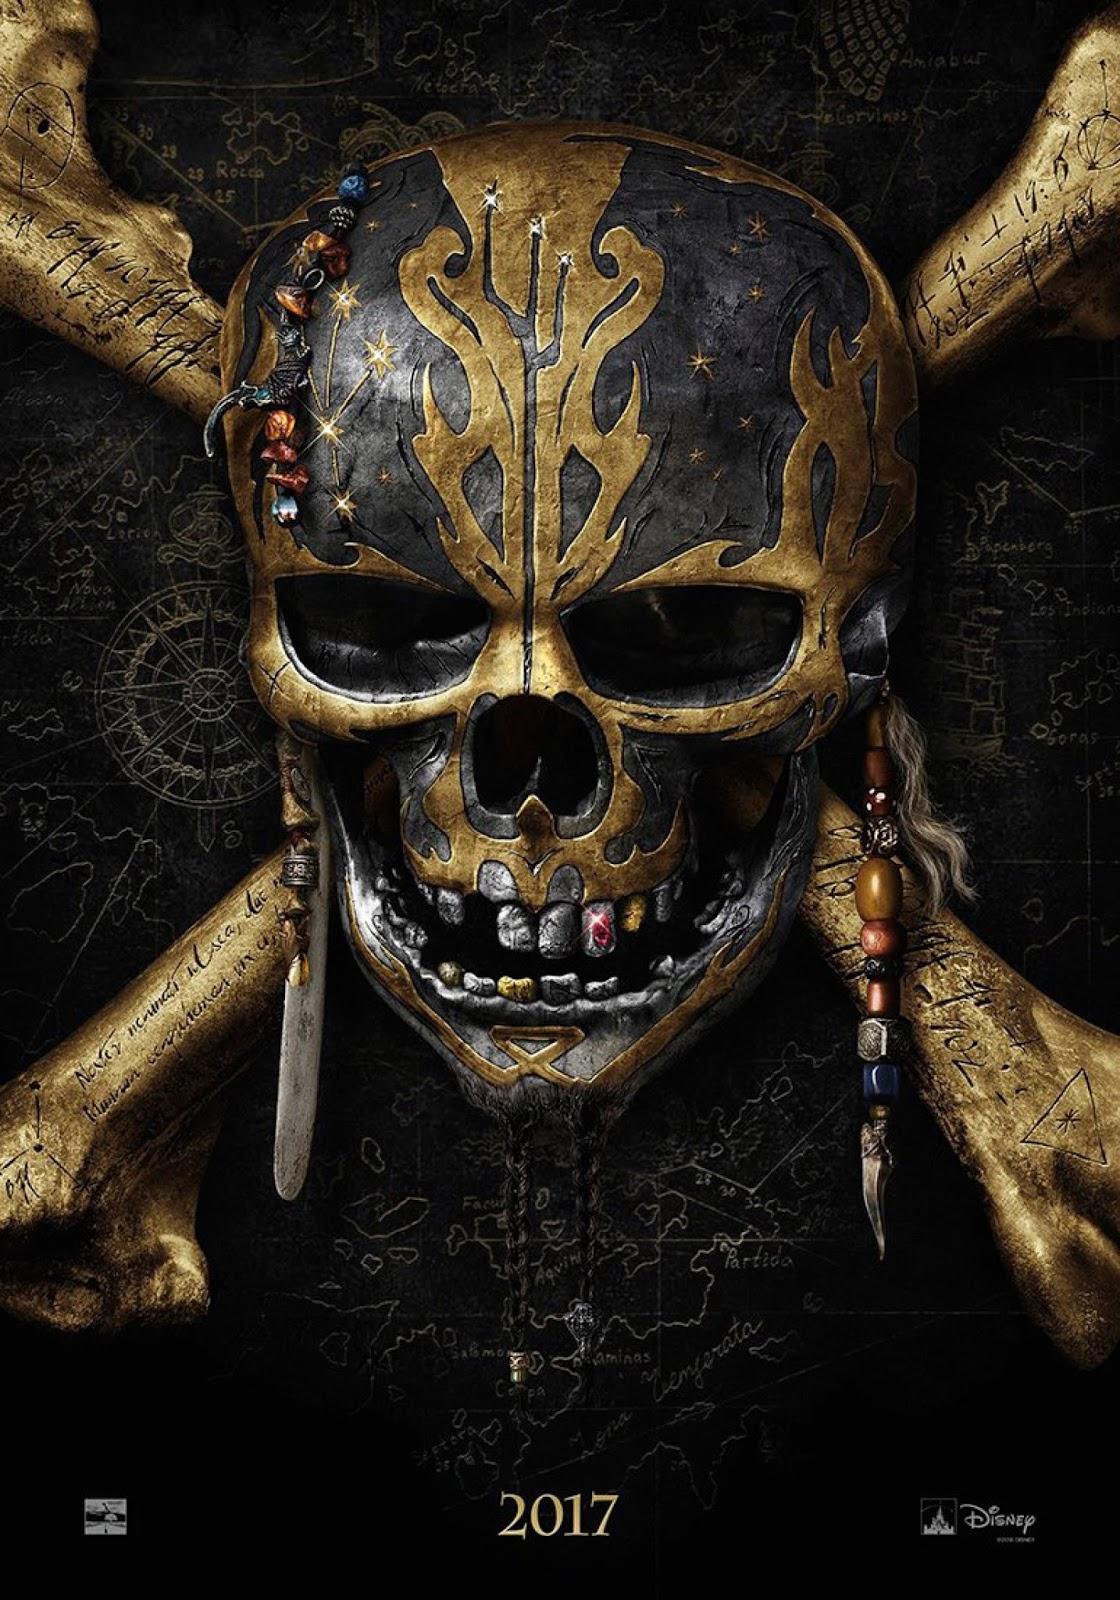 ตัวอย่างหนังใหม่ : Pirates of the Caribbean: Dead Men Tell No Tales (สงครามแค้นโจรสลัดไร้ชีพ) (ซับไทย) poster1